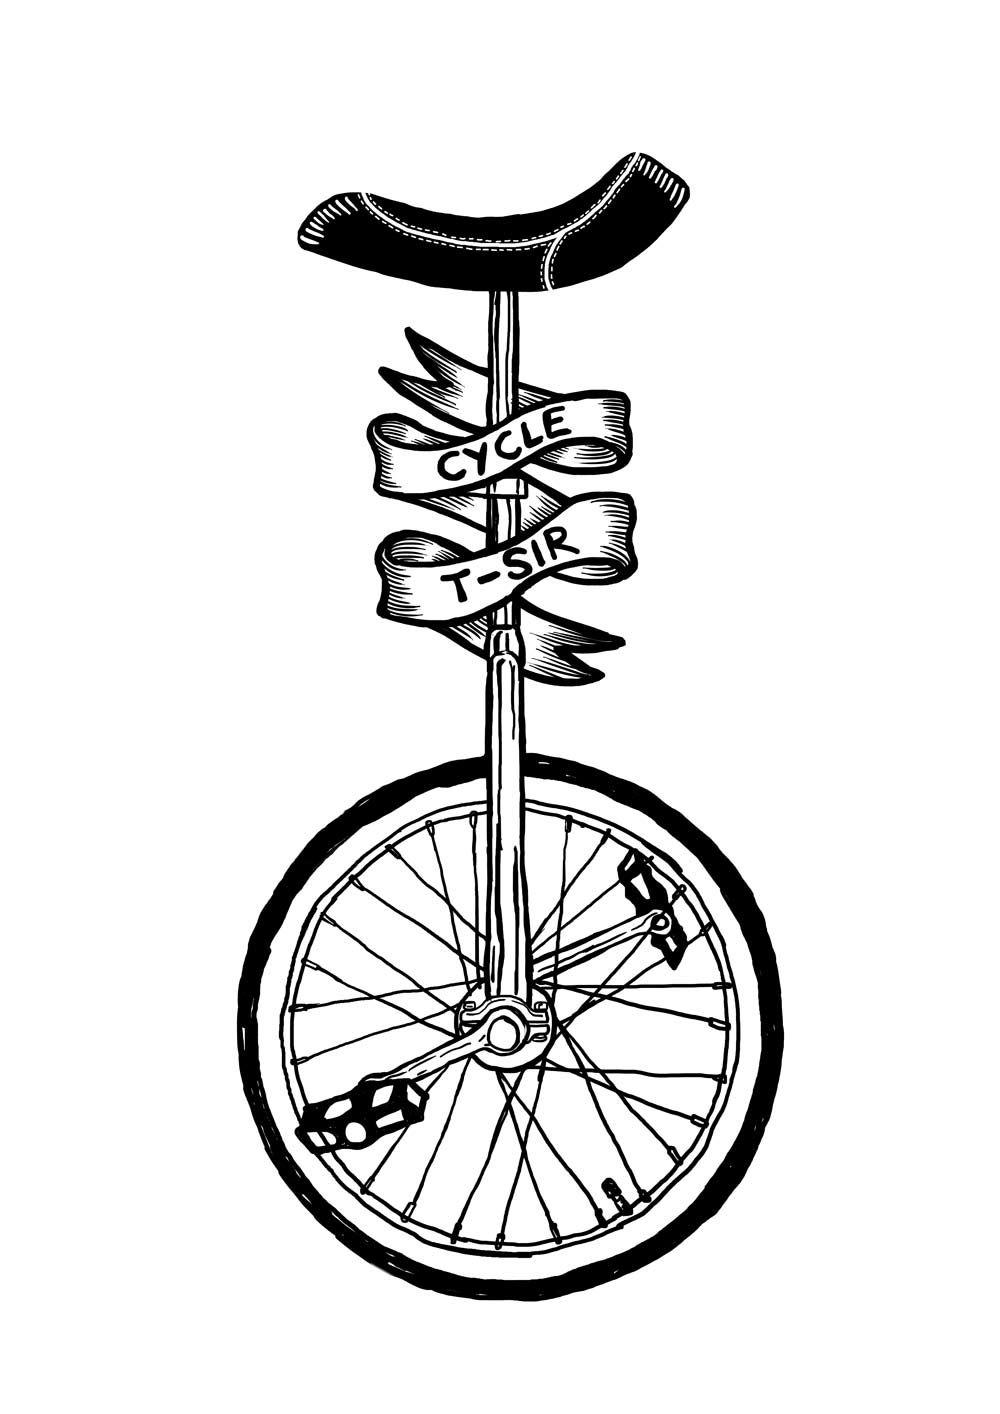 1000x1414 Monocycle Design Oscar Postigo Graphic Design Inspiration How